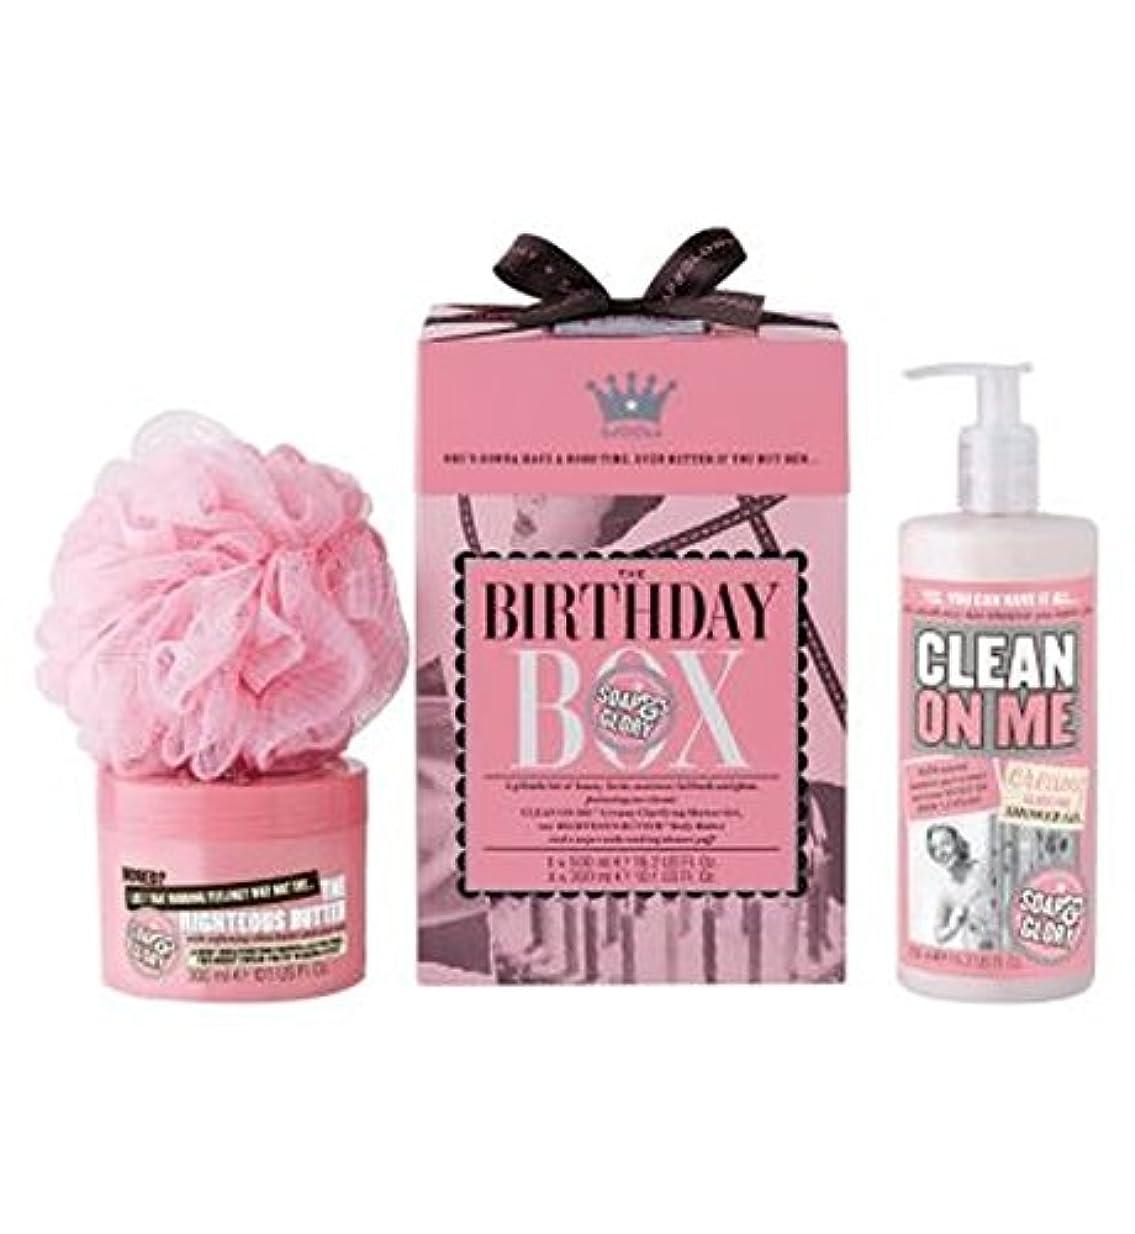 無線後ろ、背後、背面(部失敗Soap & Glory The Birthday Box Gift Set - 石鹸&栄光の誕生日箱のギフトセット (Soap & Glory) [並行輸入品]